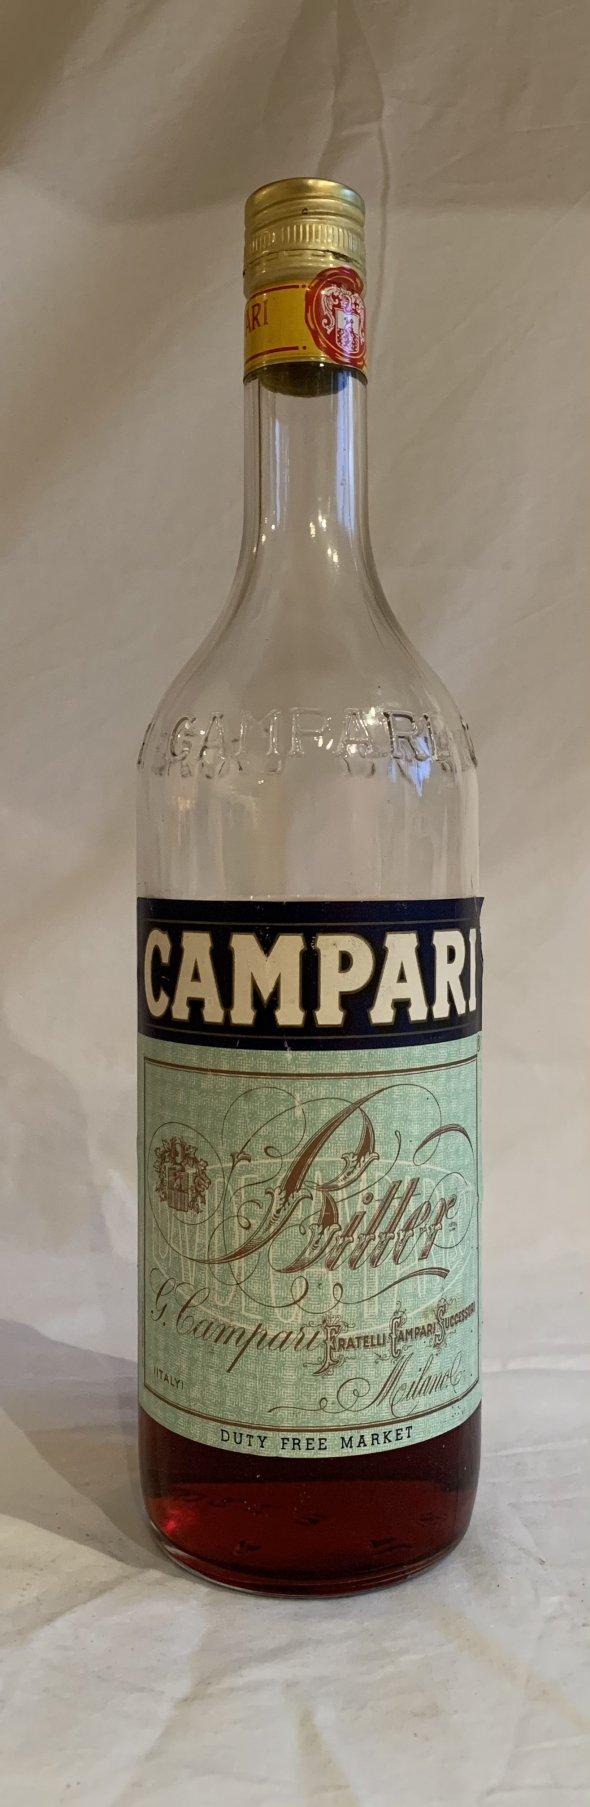 Campari, Bitter Bitters